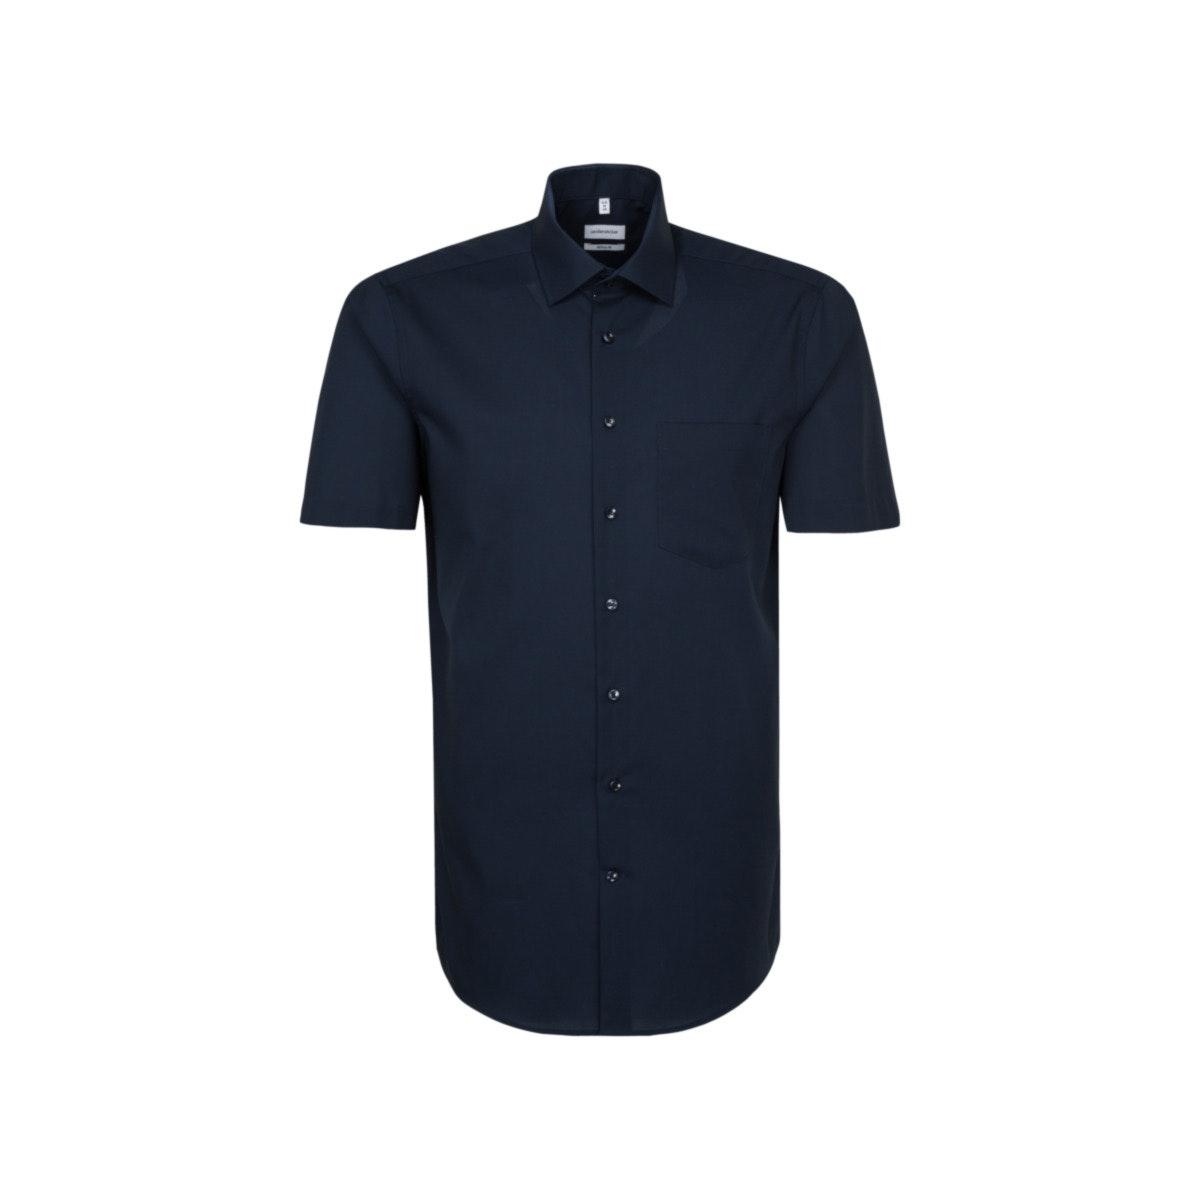 seidensticker-hemd-01-001001-19-blau-front